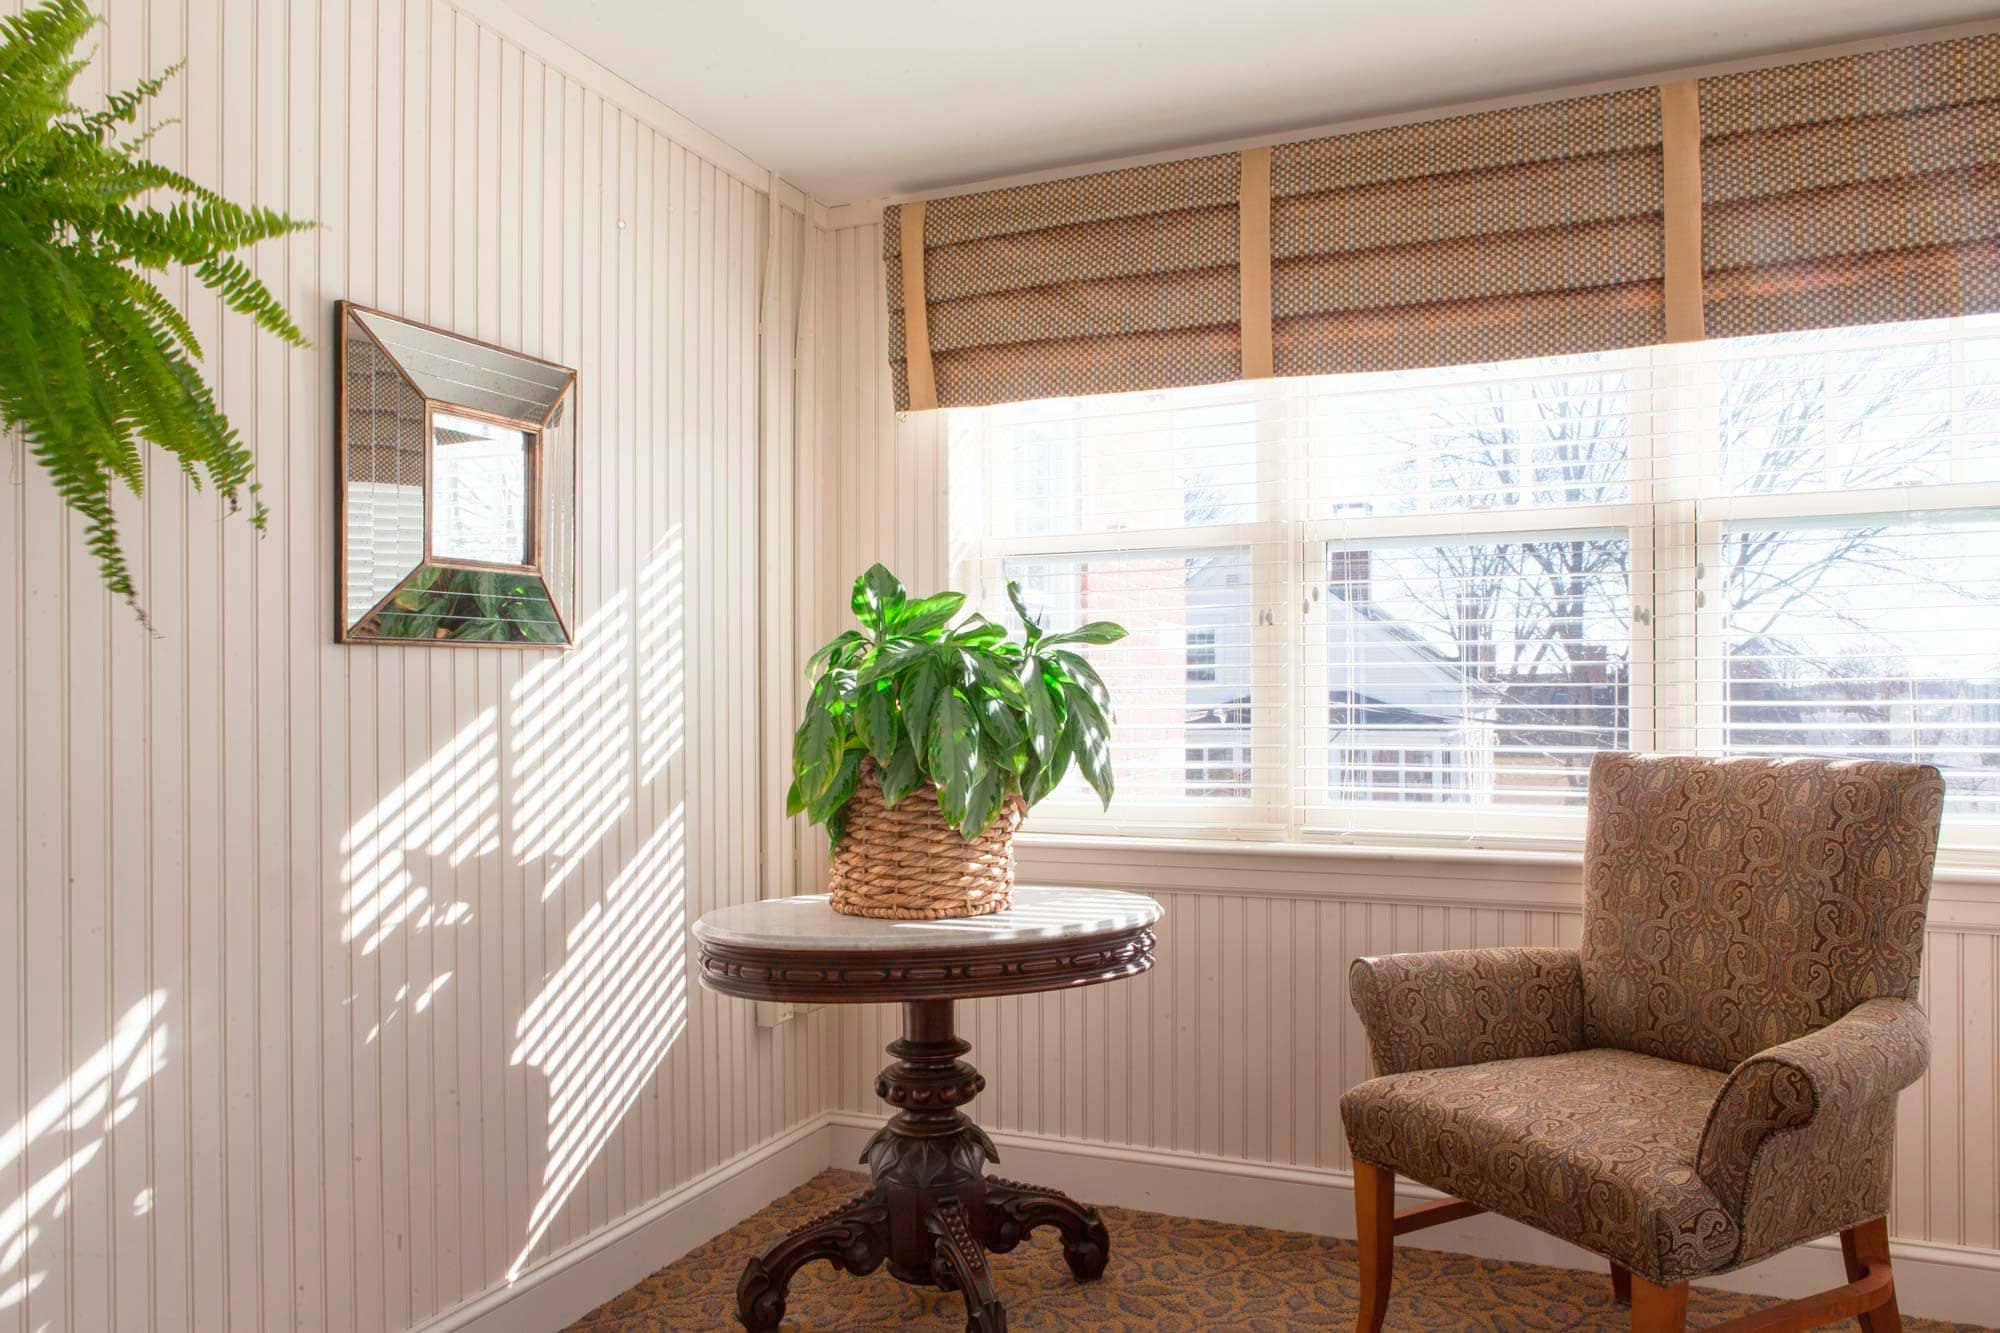 Looking towards a cozy nook in the sun room